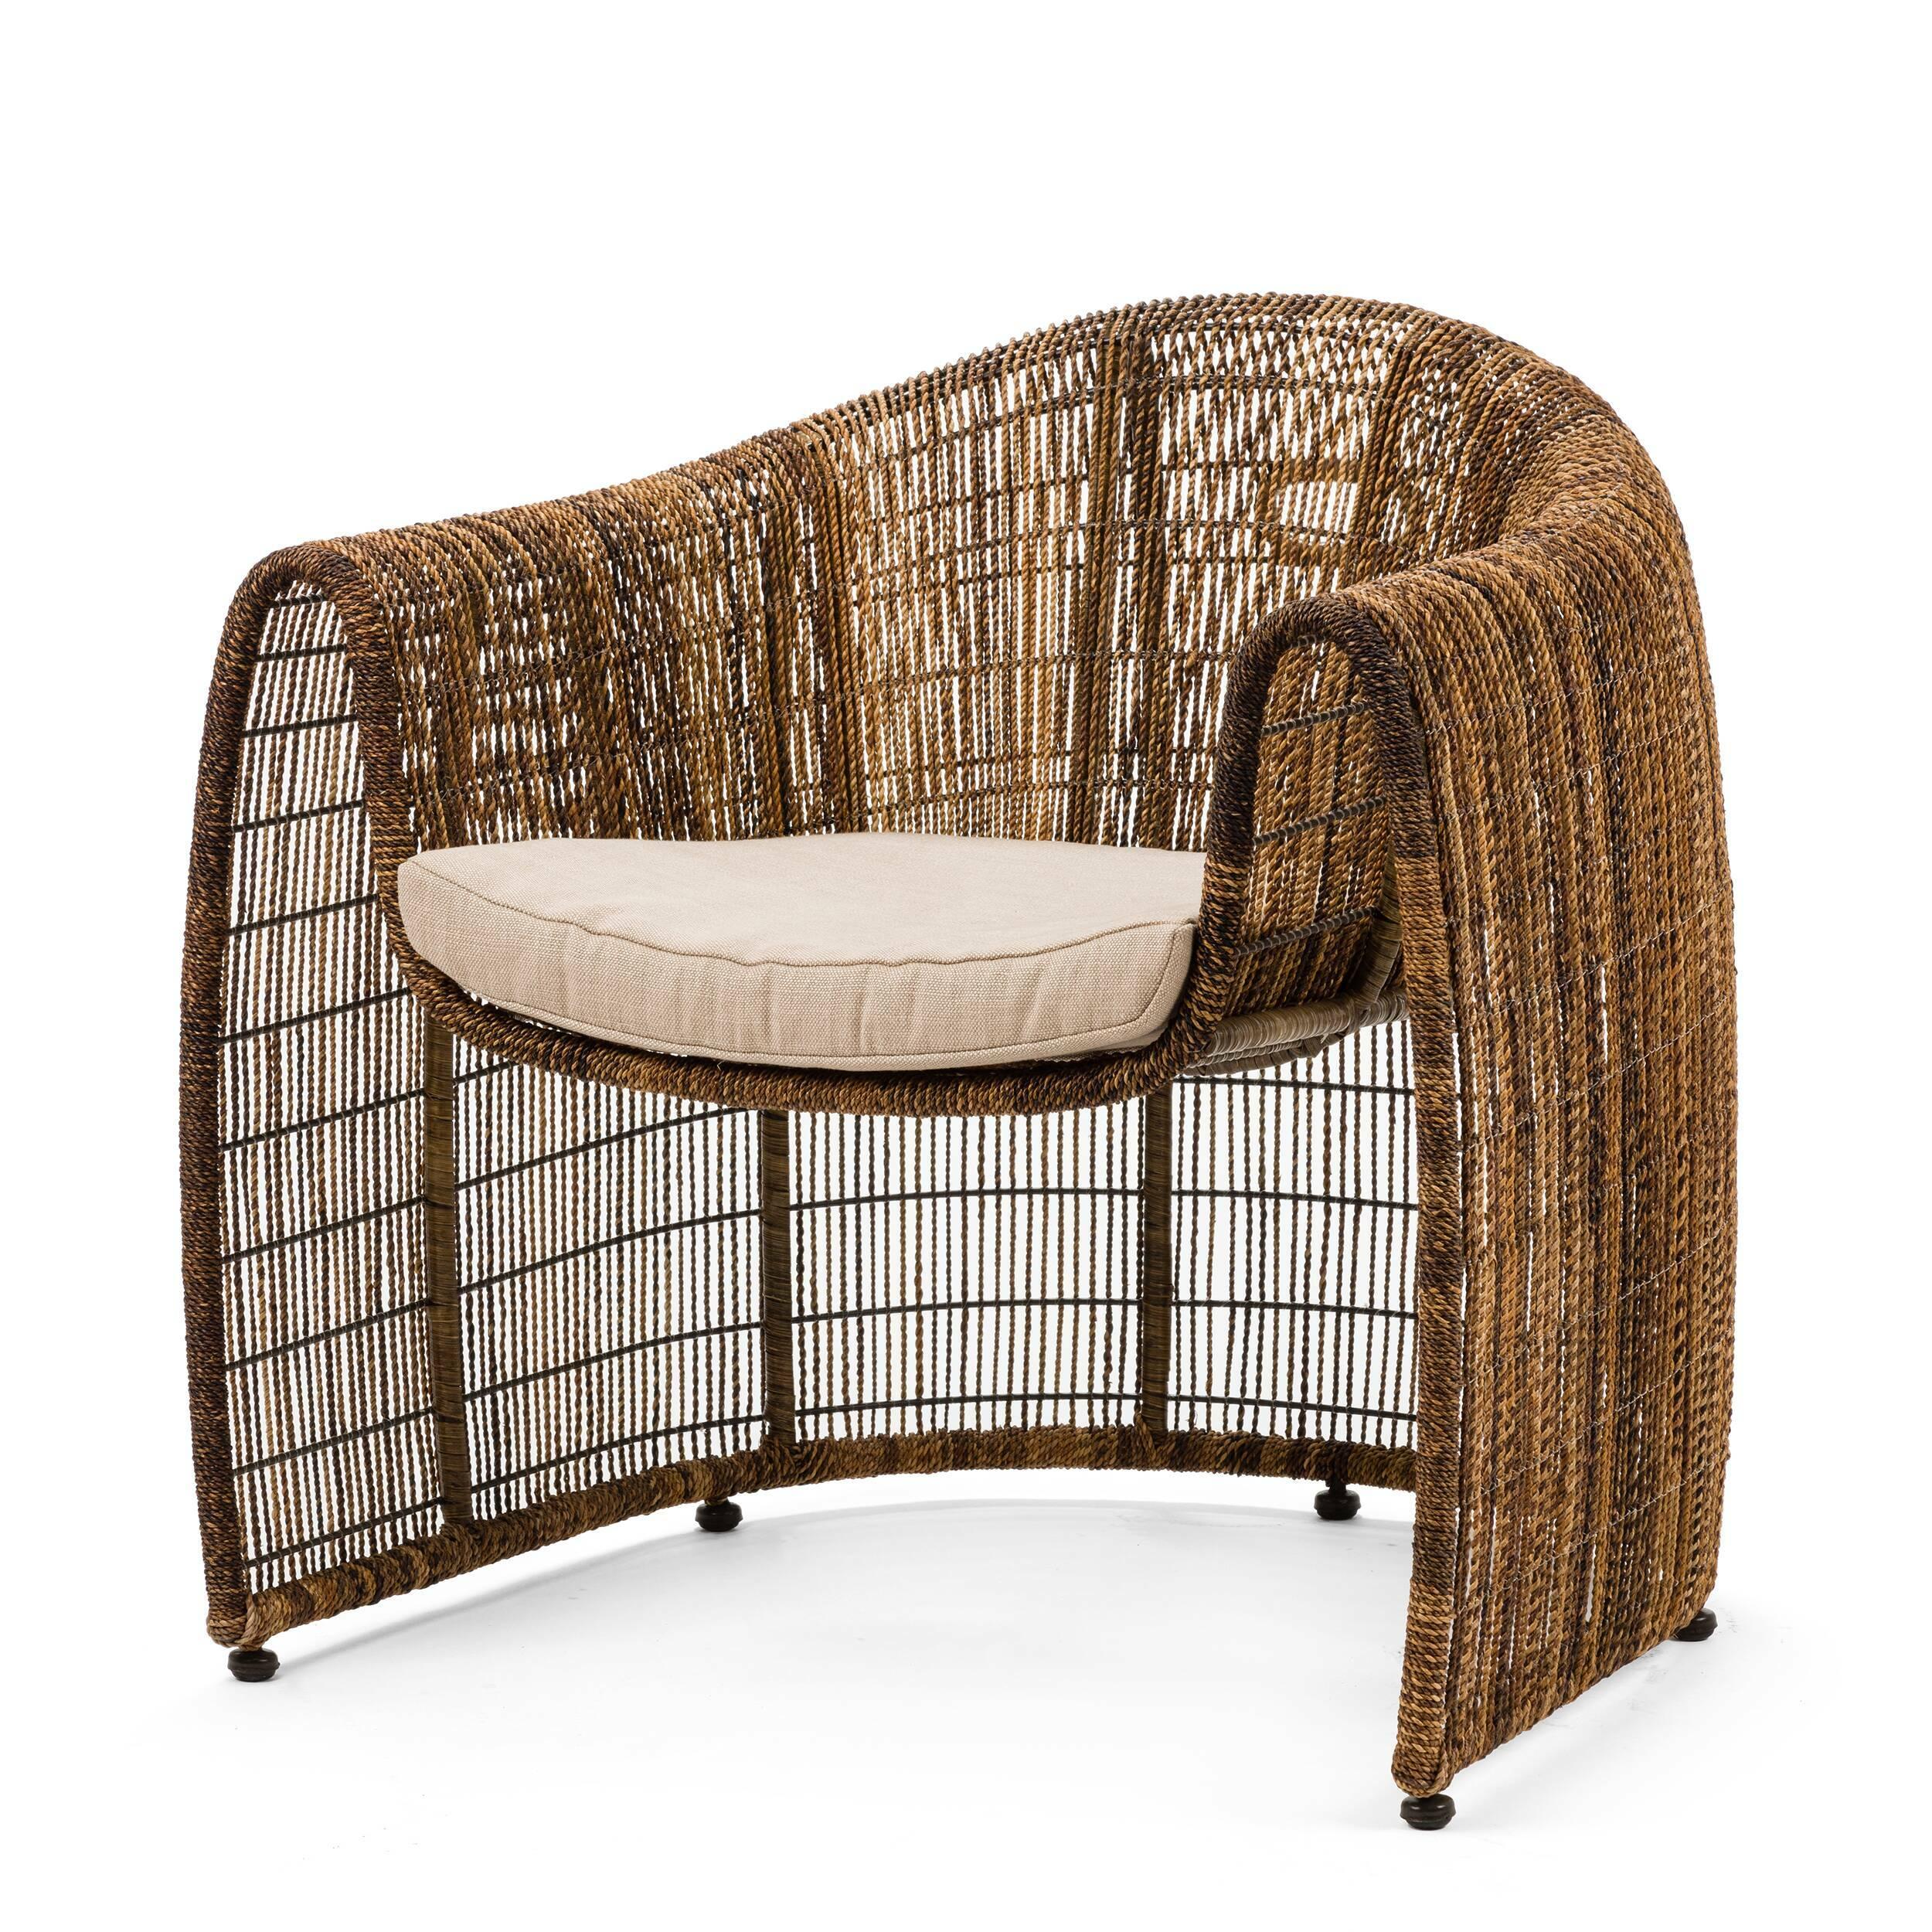 Кресло Lulu ClubУличная мебель<br>Дизайнерское плетеное кресло LULU CLUB (Лулу Клаб) из ротанга с мягким сиденьем от Kenneth Cobonpue (Кеннет Кобонпу)<br><br>Кеннет Кобонпу — известный во всем мире художник-конструктор из Себу, обладатель множества наград, креативный директор Hive. Кеннет Кобонпу начал поиск своего подхода к дизайну в 1987 году, изучая промышленный дизайн в Институте Пратта в Нью-Йорке, который он закончил с отличием и впоследствии работал в Италии и Германии. Несколько из его проектов были отобраны для престиж...<br><br>stock: 0<br>Высота: 80,5<br>Ширина: 84<br>Глубина: 78<br>Тип материала каркаса: Сталь нержавеющя<br>Материал сидения: Лен<br>Цвет сидения: Бежевый<br>Тип материала сидения: Ткань<br>Цвет каркаса: Коричневый